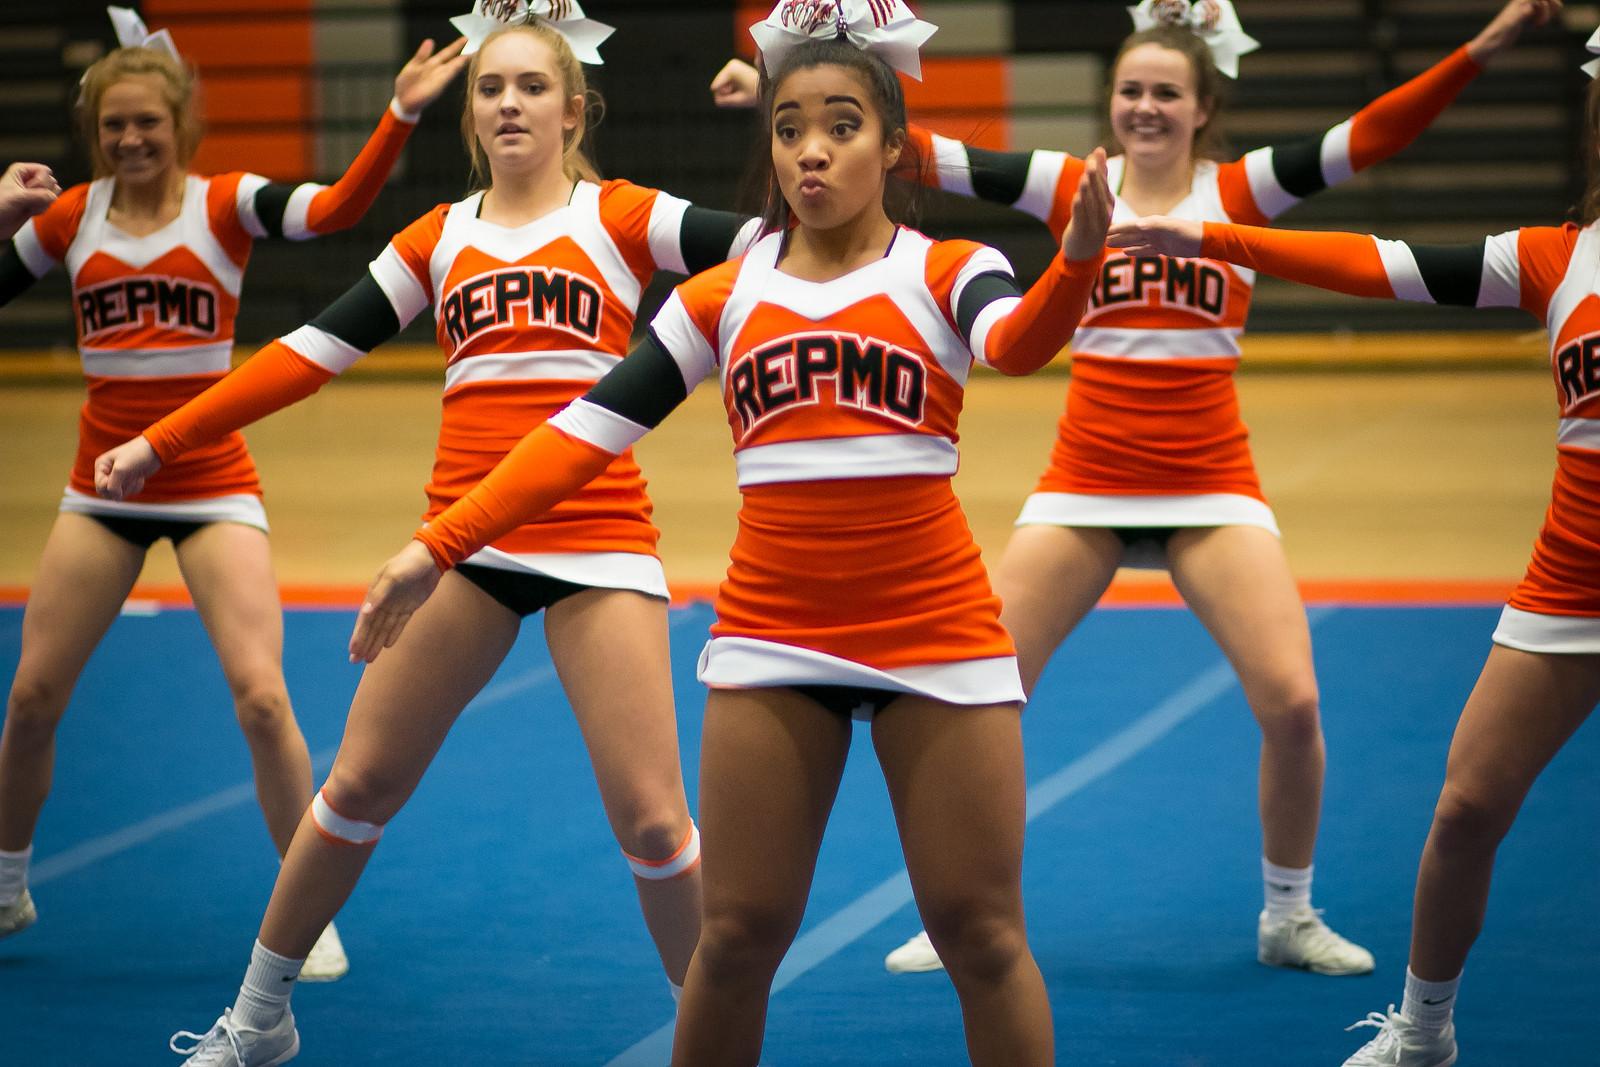 Photos: Cheer Showcase